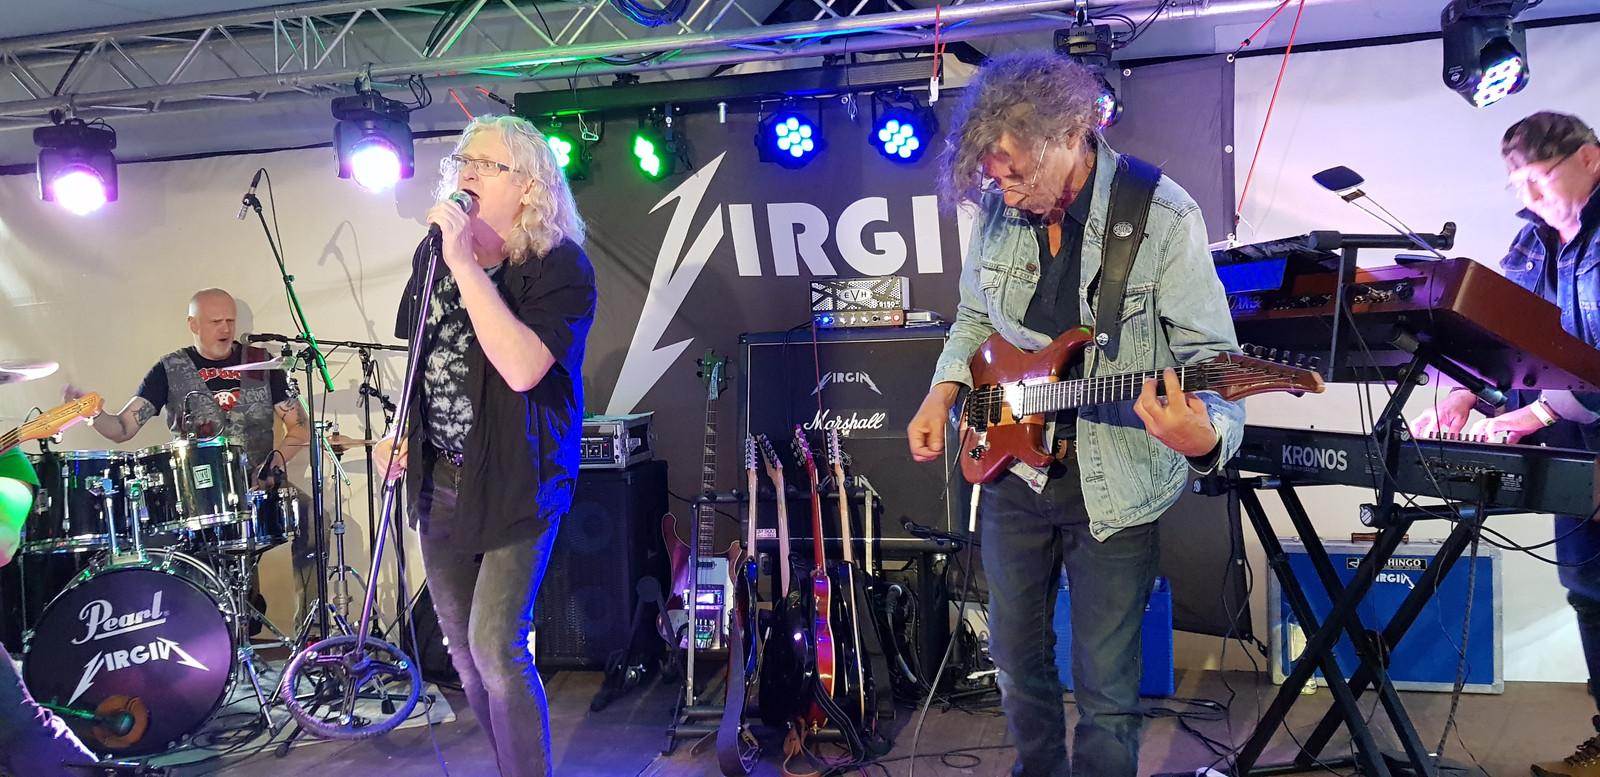 Virgin in actie, met onder meer zanger Jan van den Berg en de doorgewinterde gitarist Gert-Jan Mathijsen die vooral indruk maakte met het imiteren van Edje van Halen